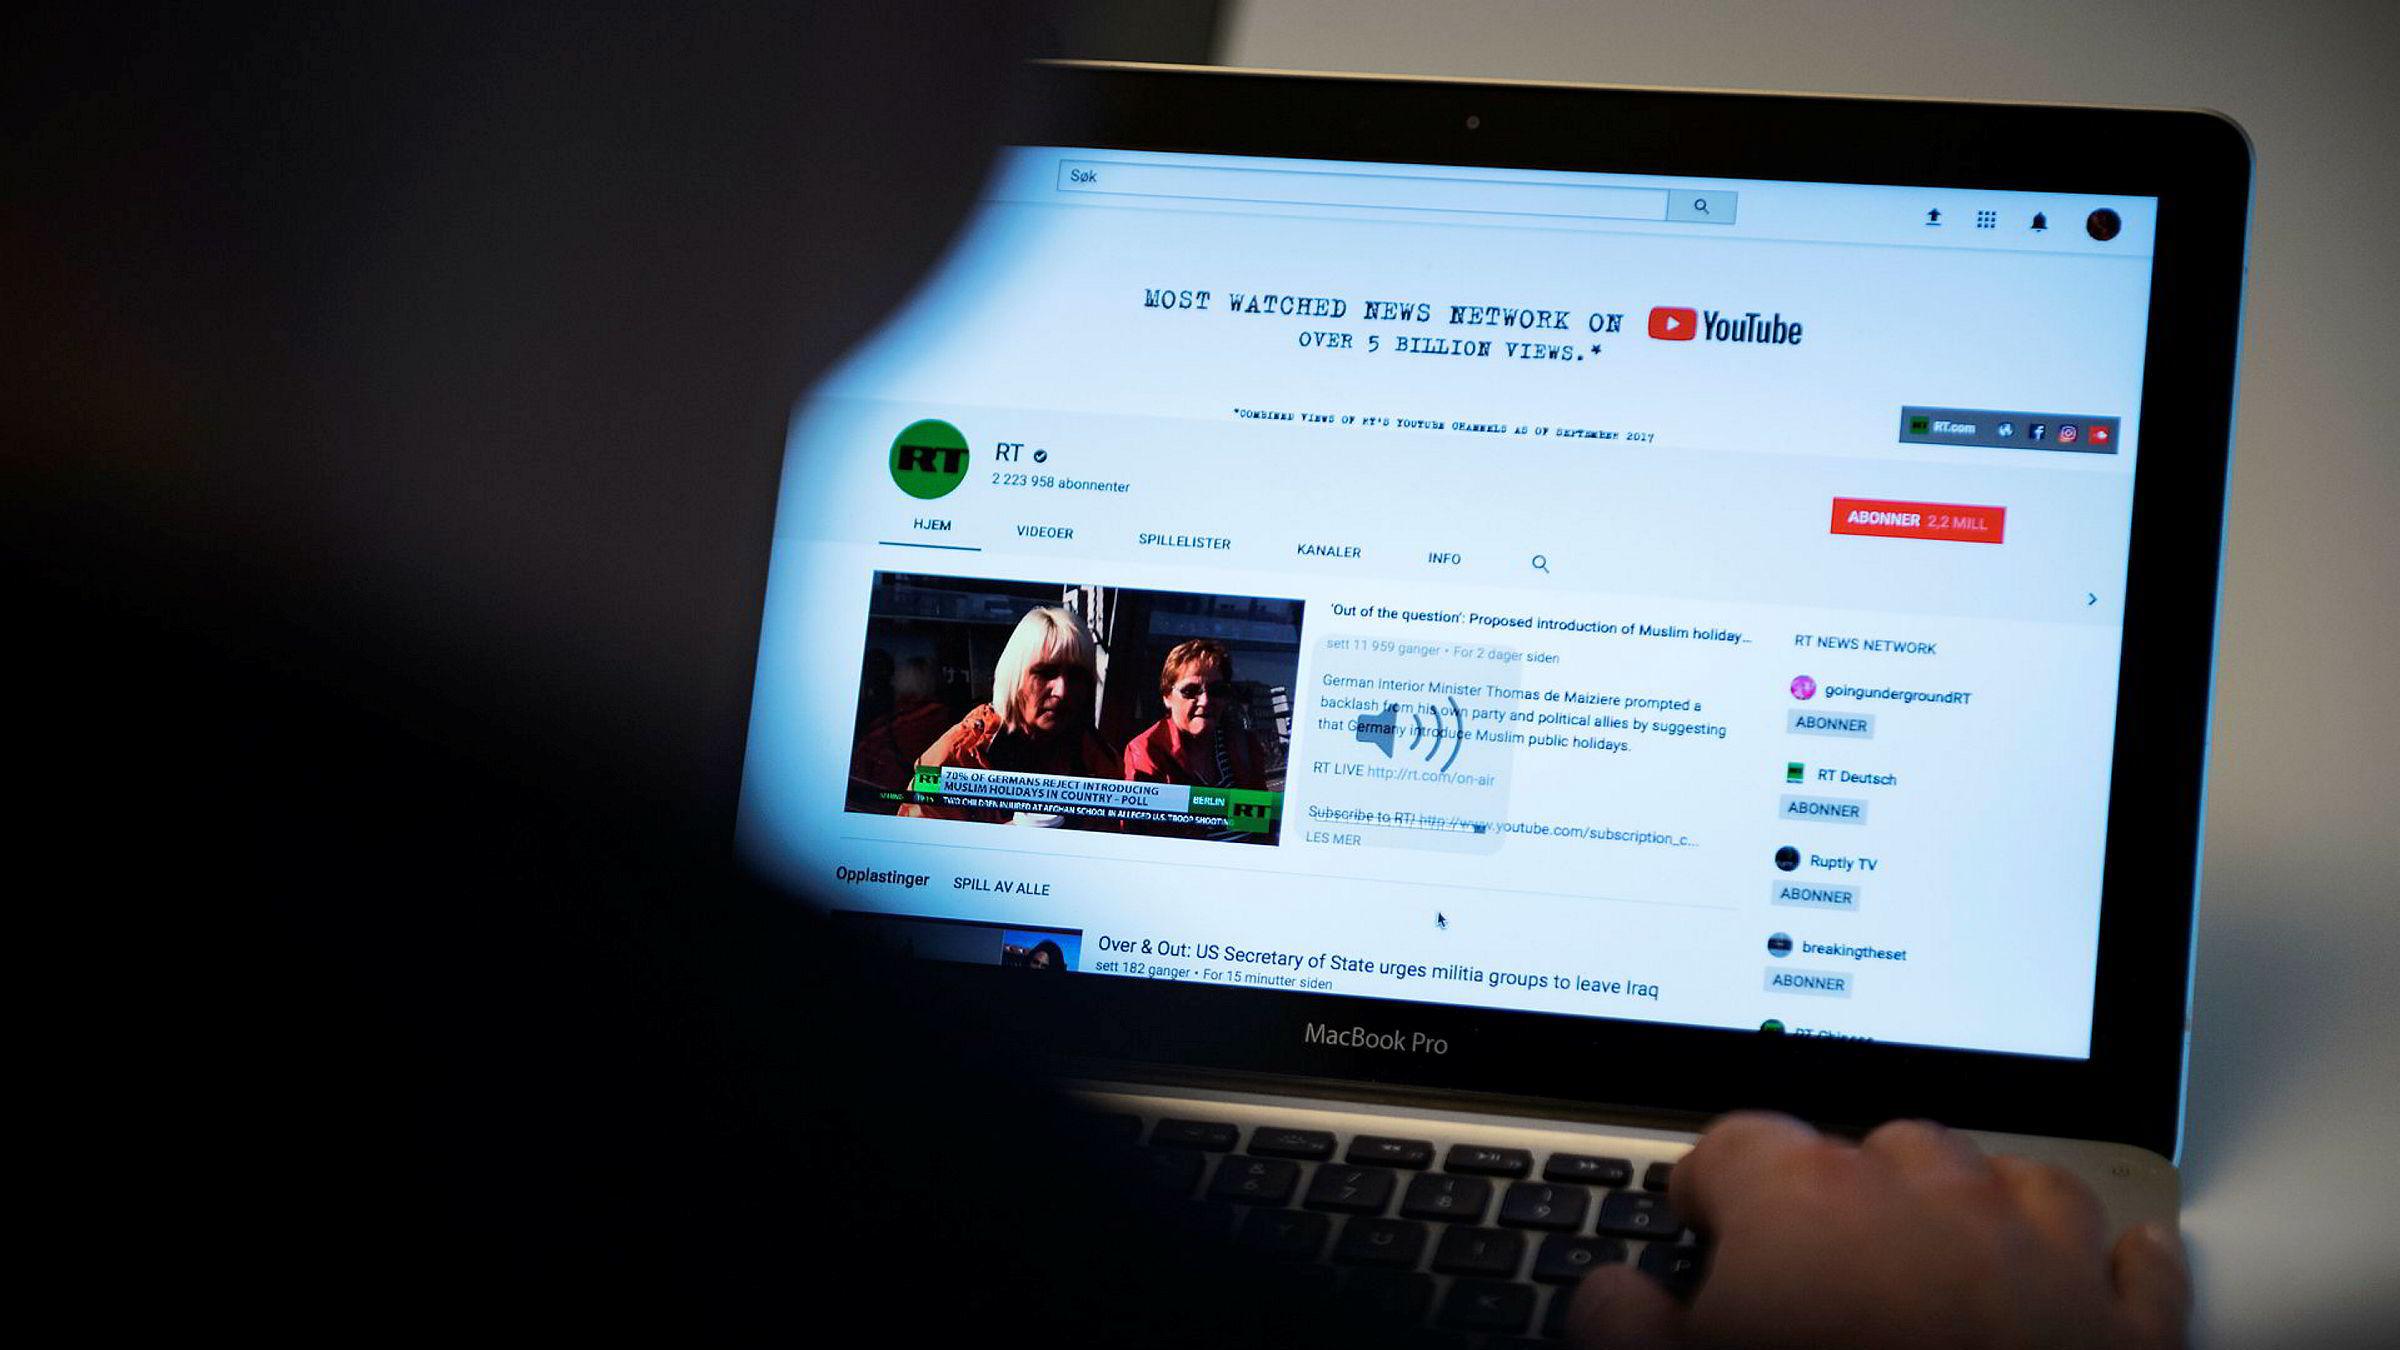 Russia Today begynte satsingen på Youtube i 2007, og har i dag hyret inn såkalte «Youtubere» eller Youtube-stjerner, fra hele verden til sin kanal.